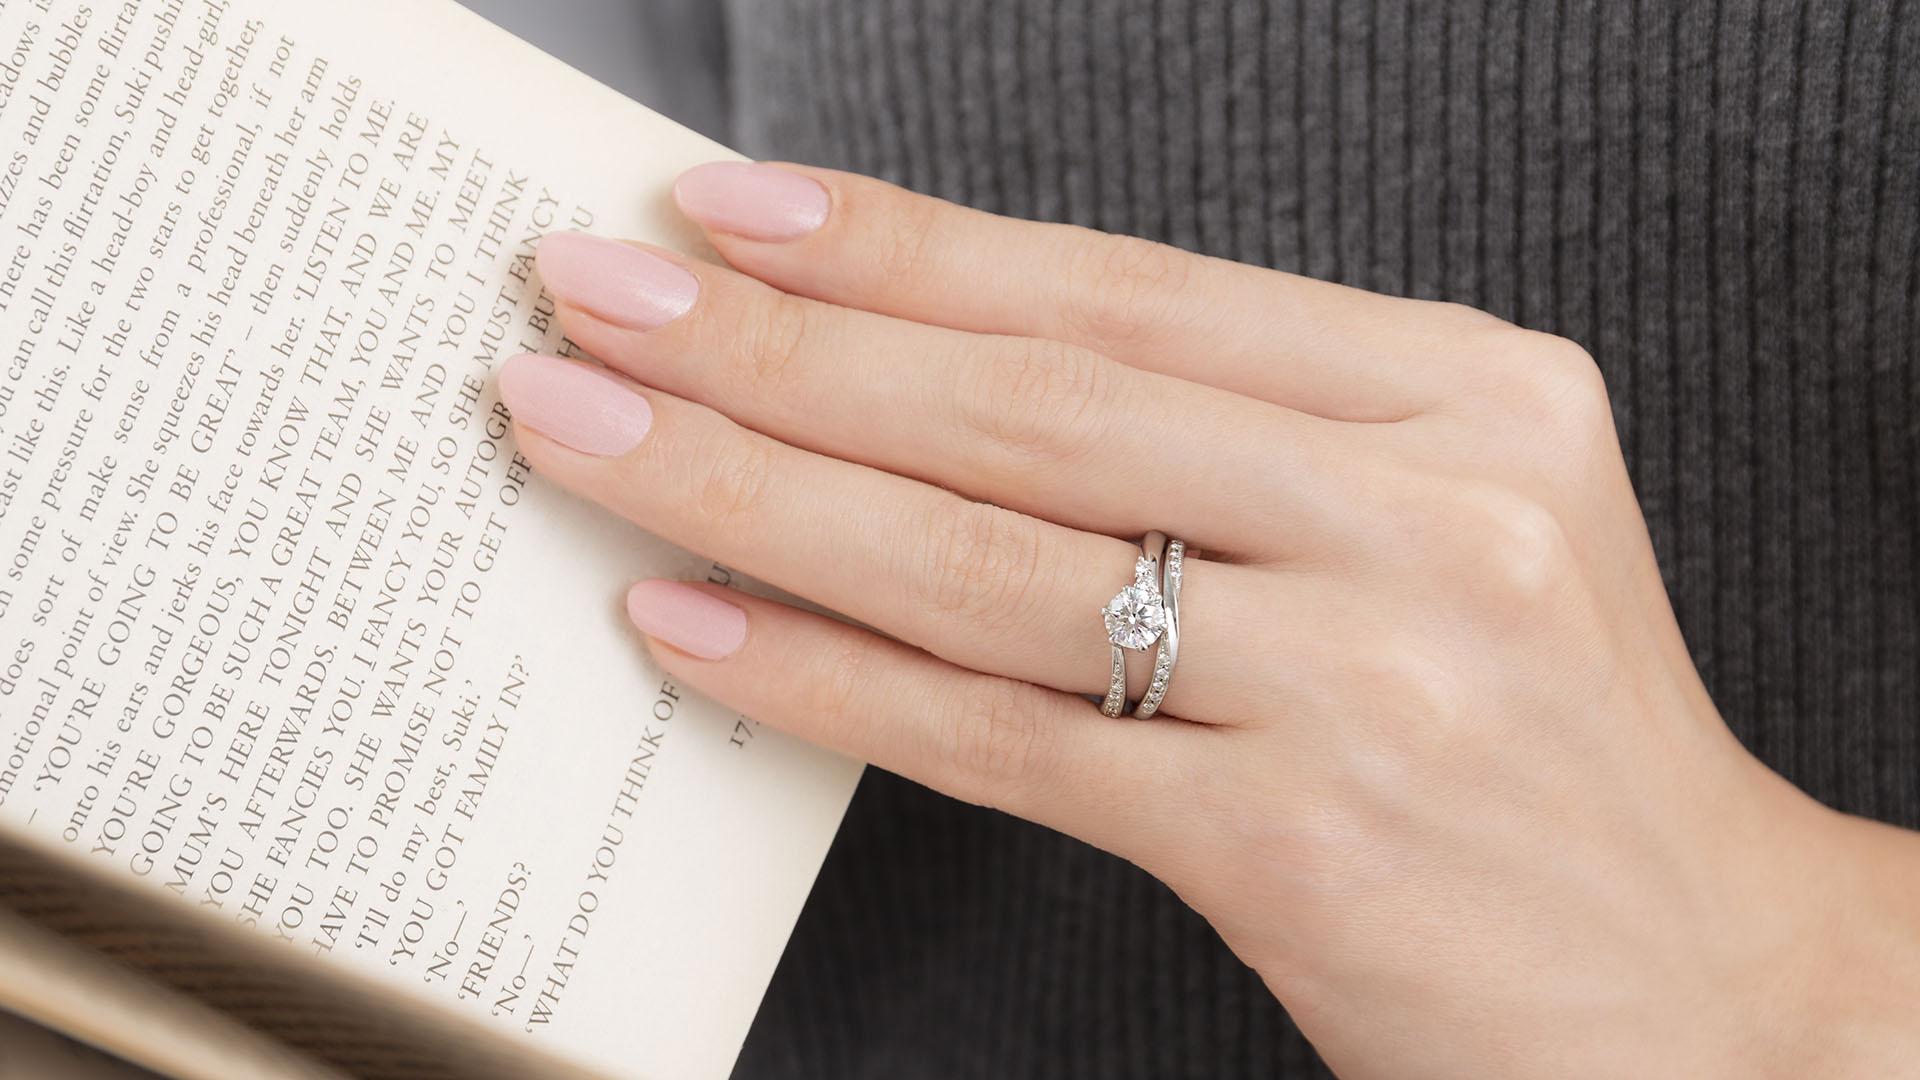 andromeda アンドロメダ   婚約指輪サムネイル 5